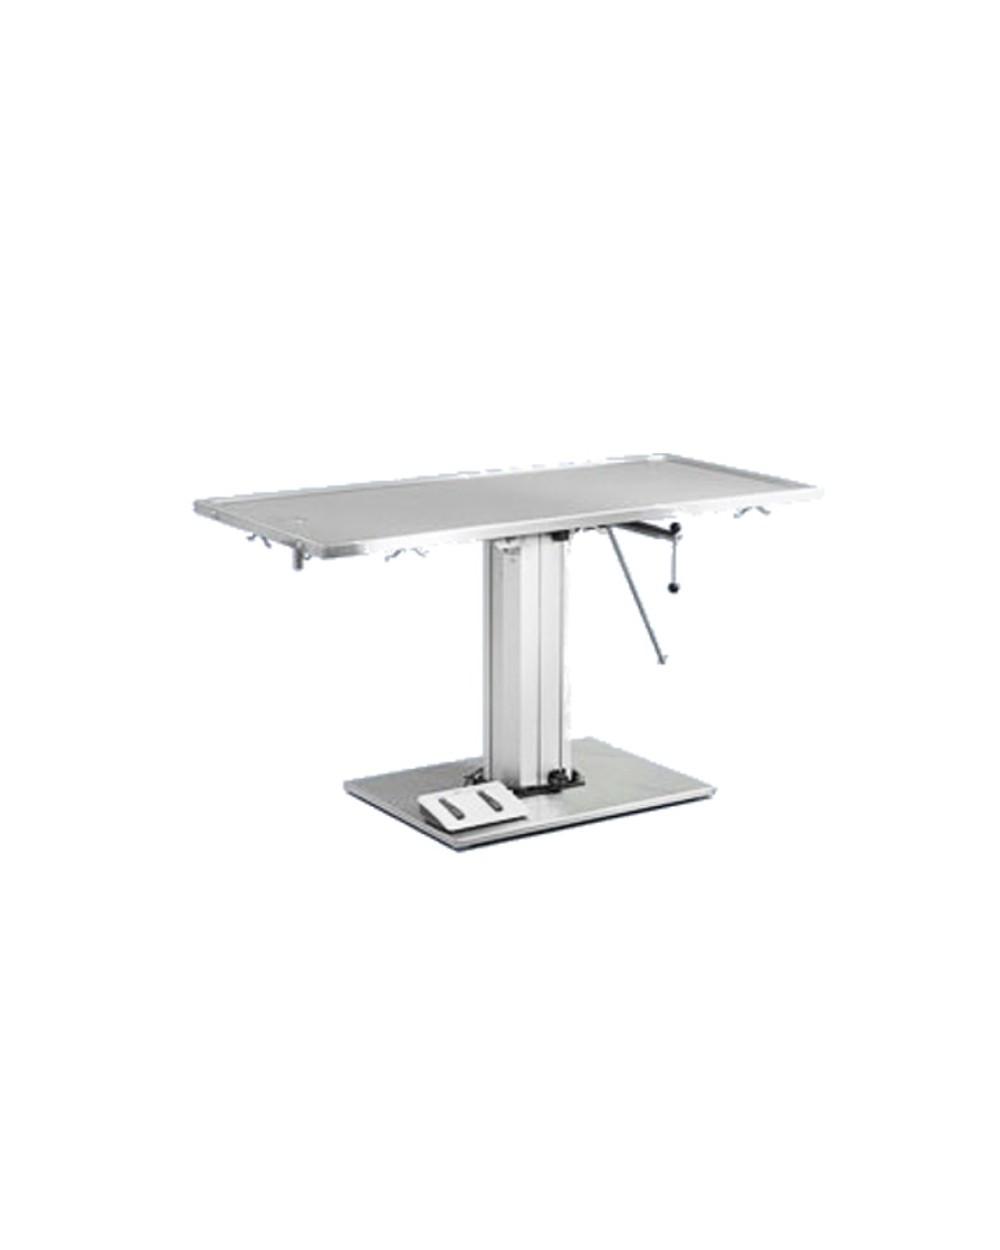 """Stół operacyjno-zabiegowy """"Rapid"""", 130 x 50 cm - Sklep medyczny / weterynaryjny - Sigmed"""